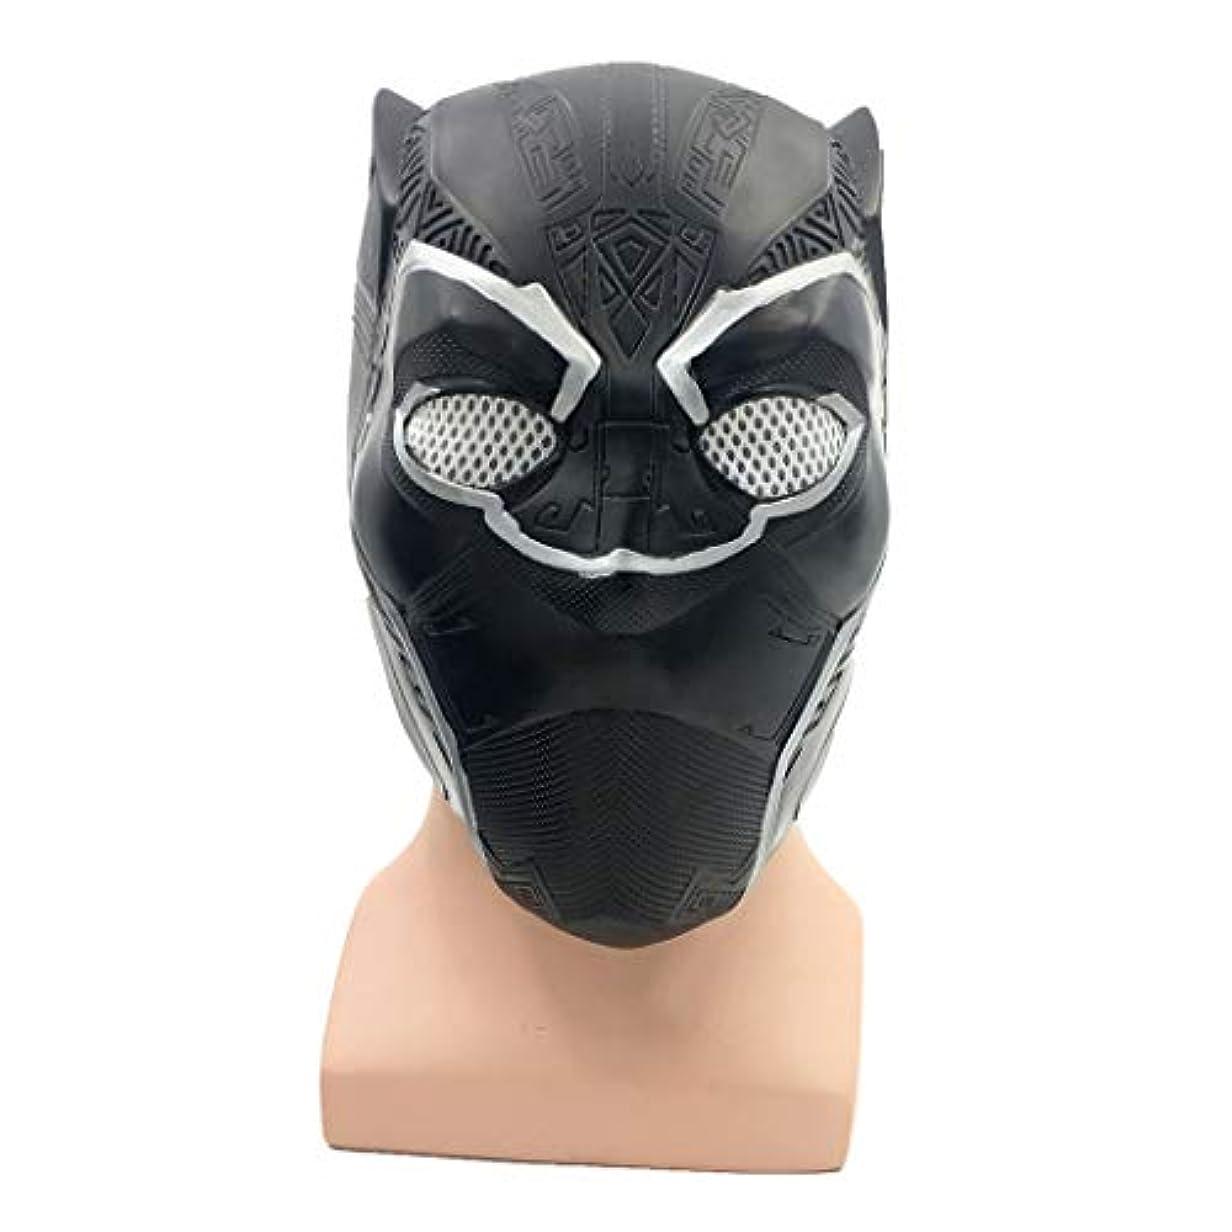 マウンドメッシュきらめきパンサーマスク新しいCosマーベルヒーローズキャプテンアメリカ3映画南北戦争ハロウィーン